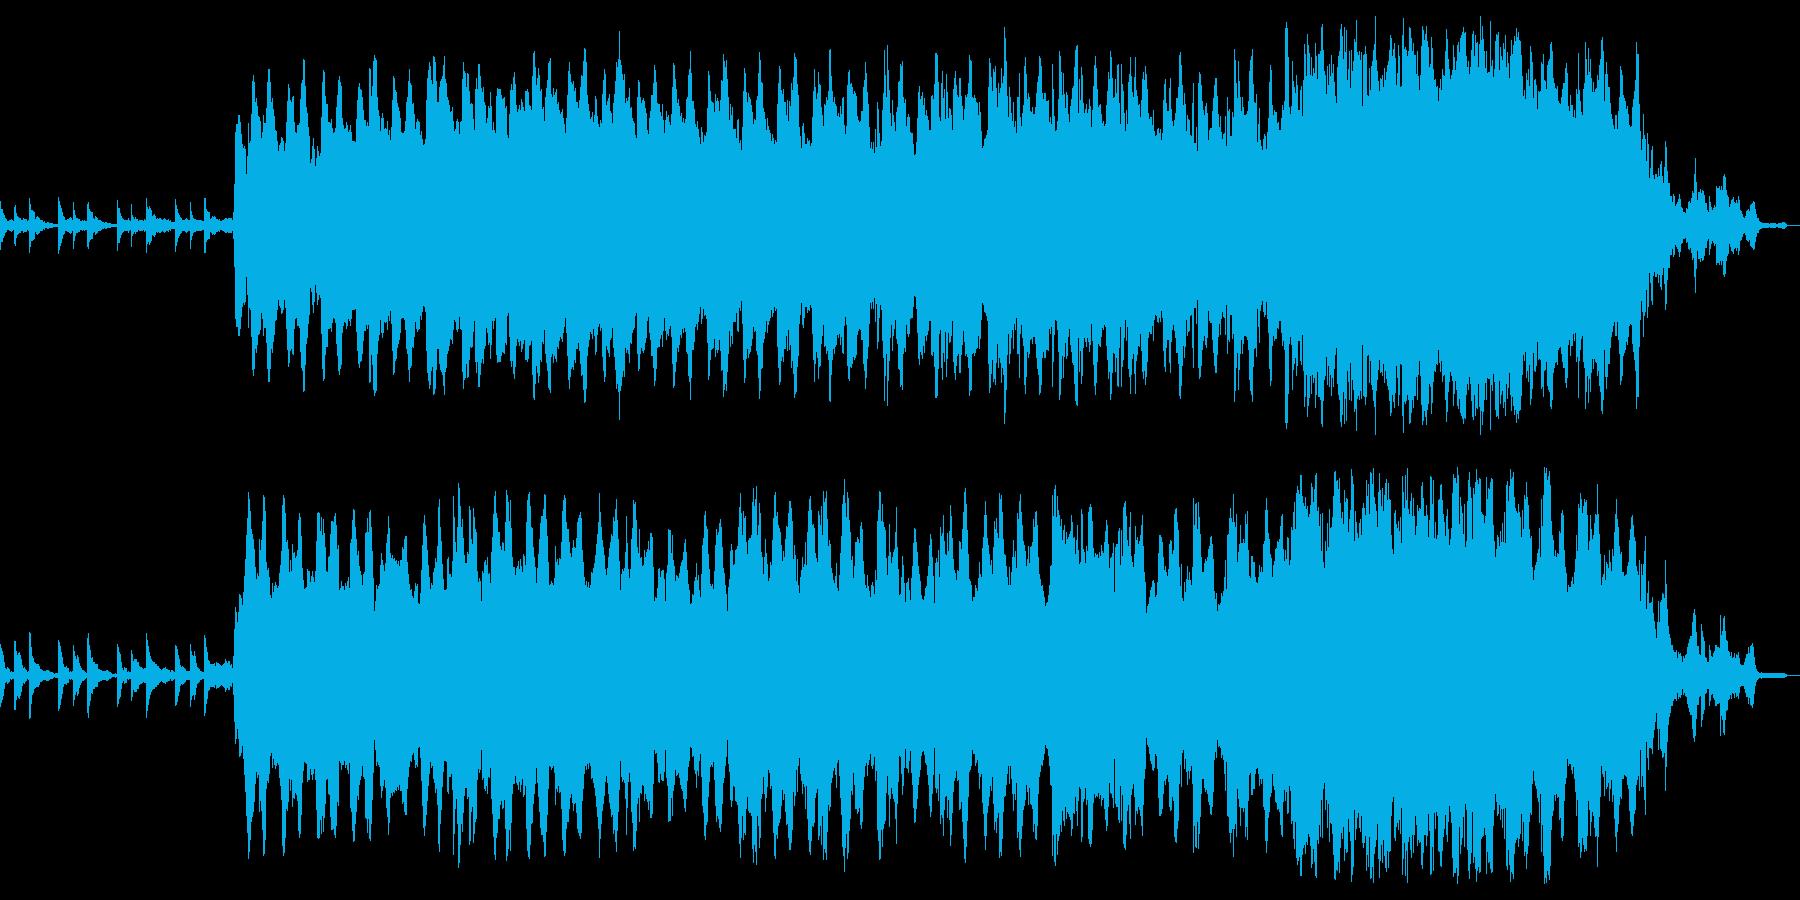 重苦しいピアノアンビエントの再生済みの波形